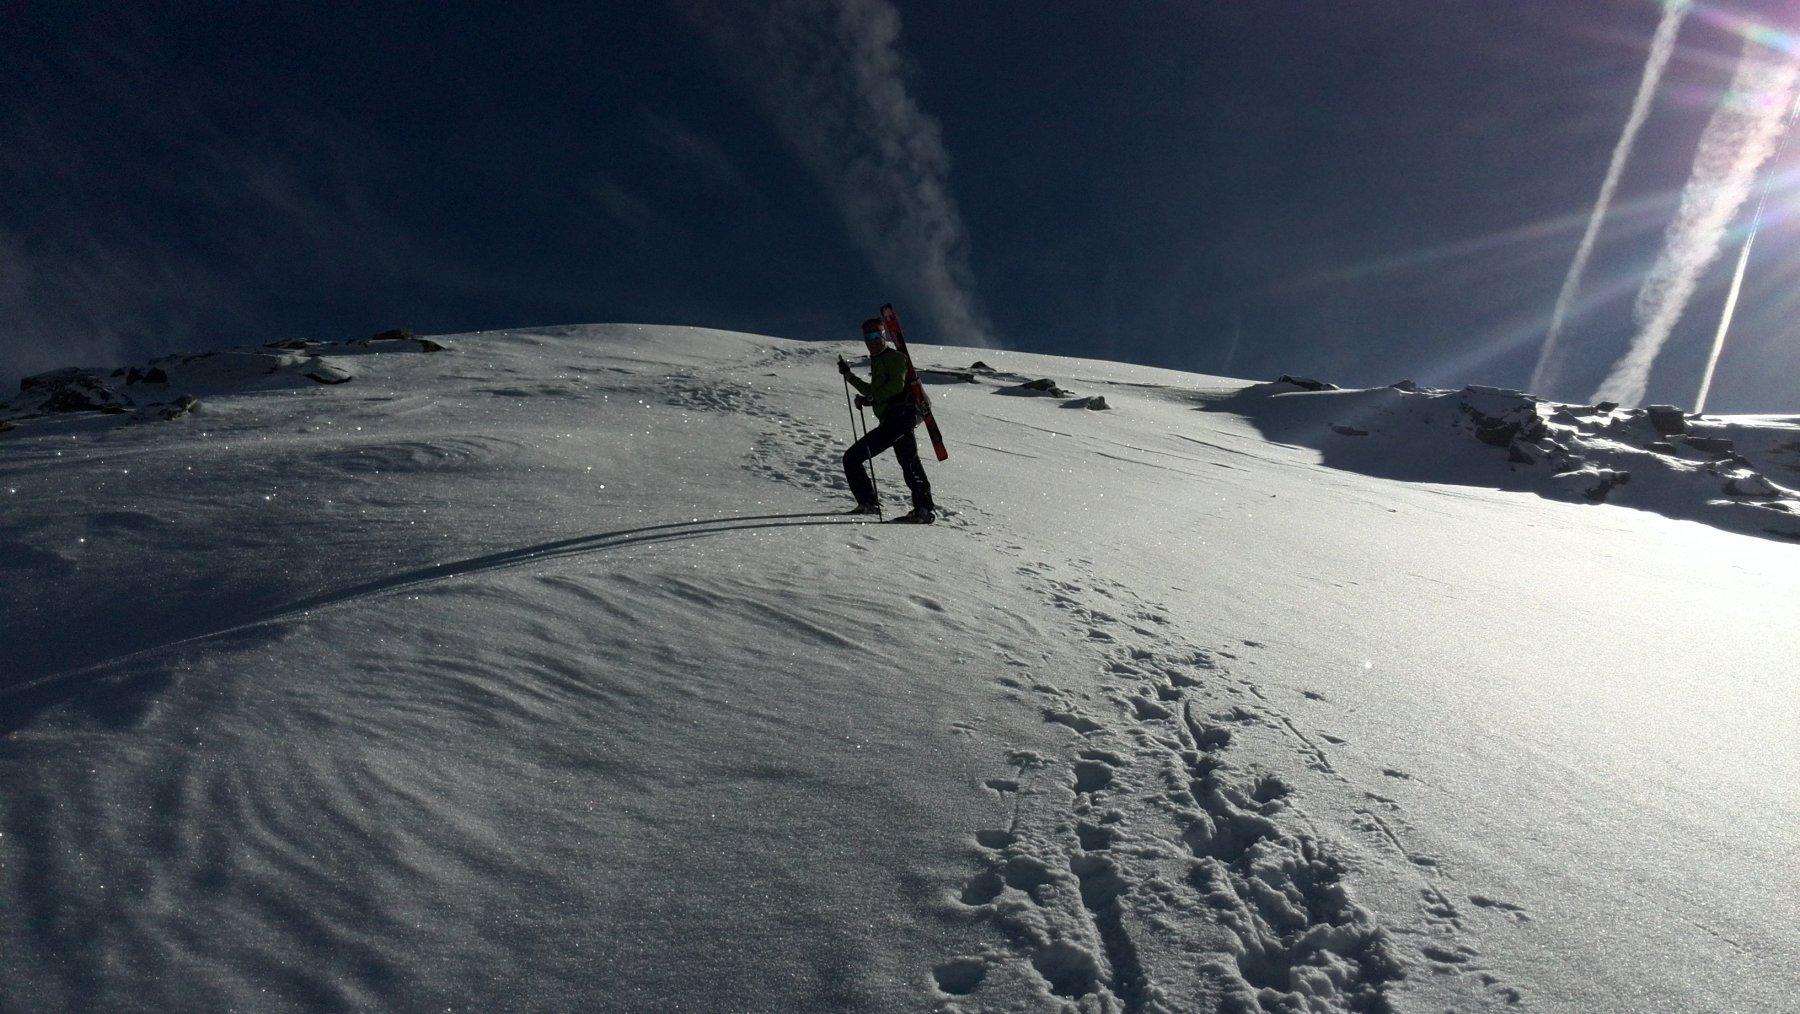 Ultimi metri di cresta per raggiungere il mont flassin